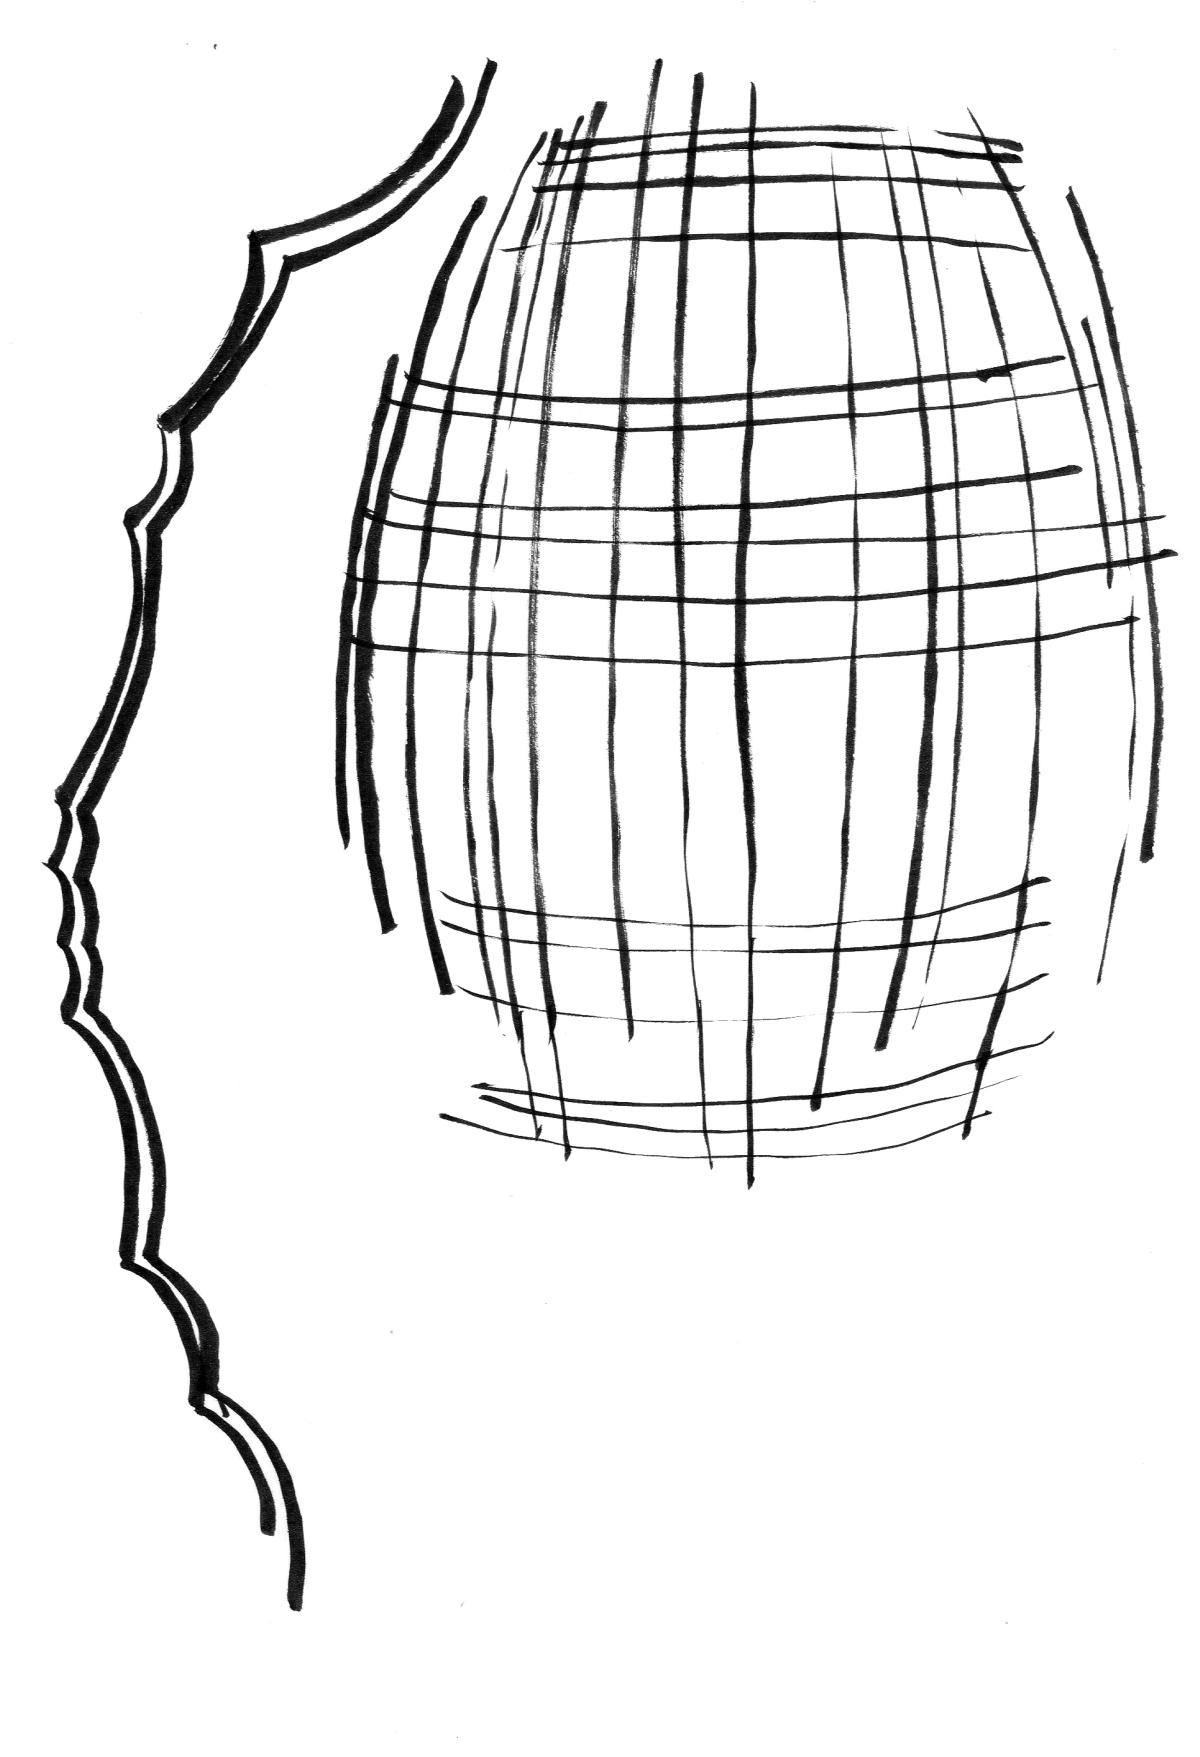 Tartan lamp in blown glass sketch